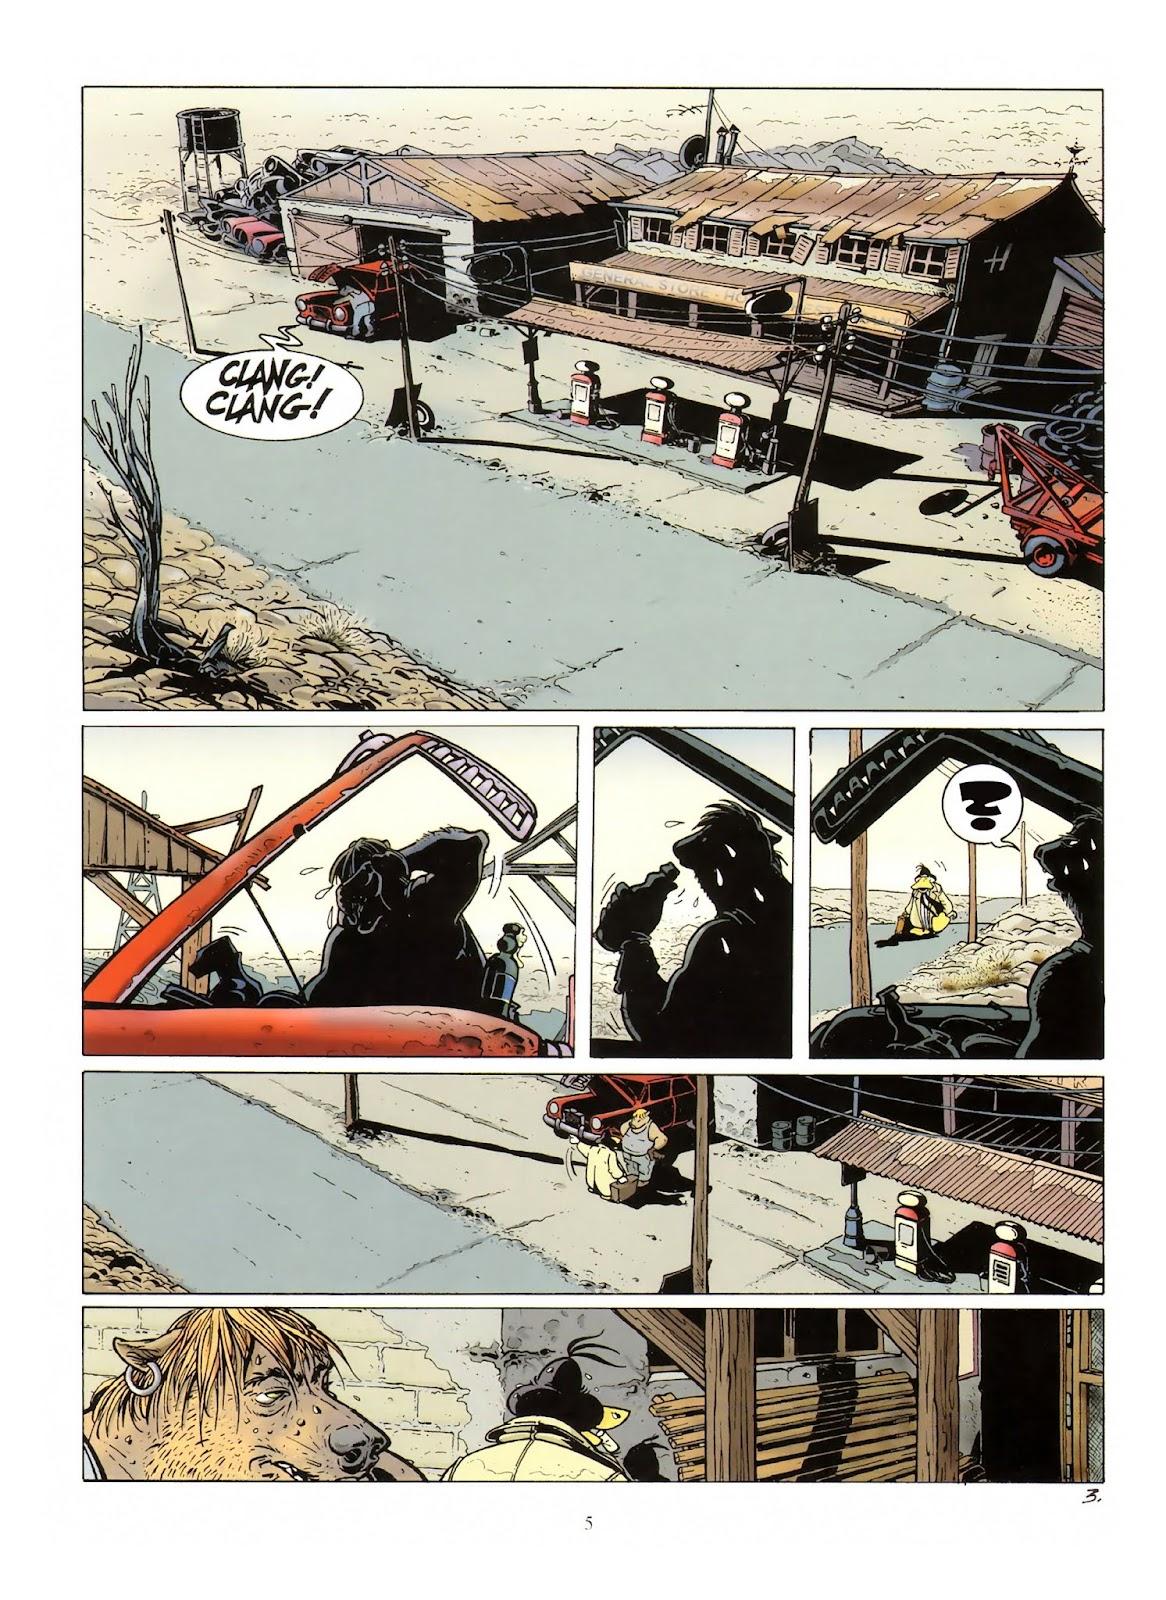 Une enquête de l'inspecteur Canardo issue 10 - Page 6